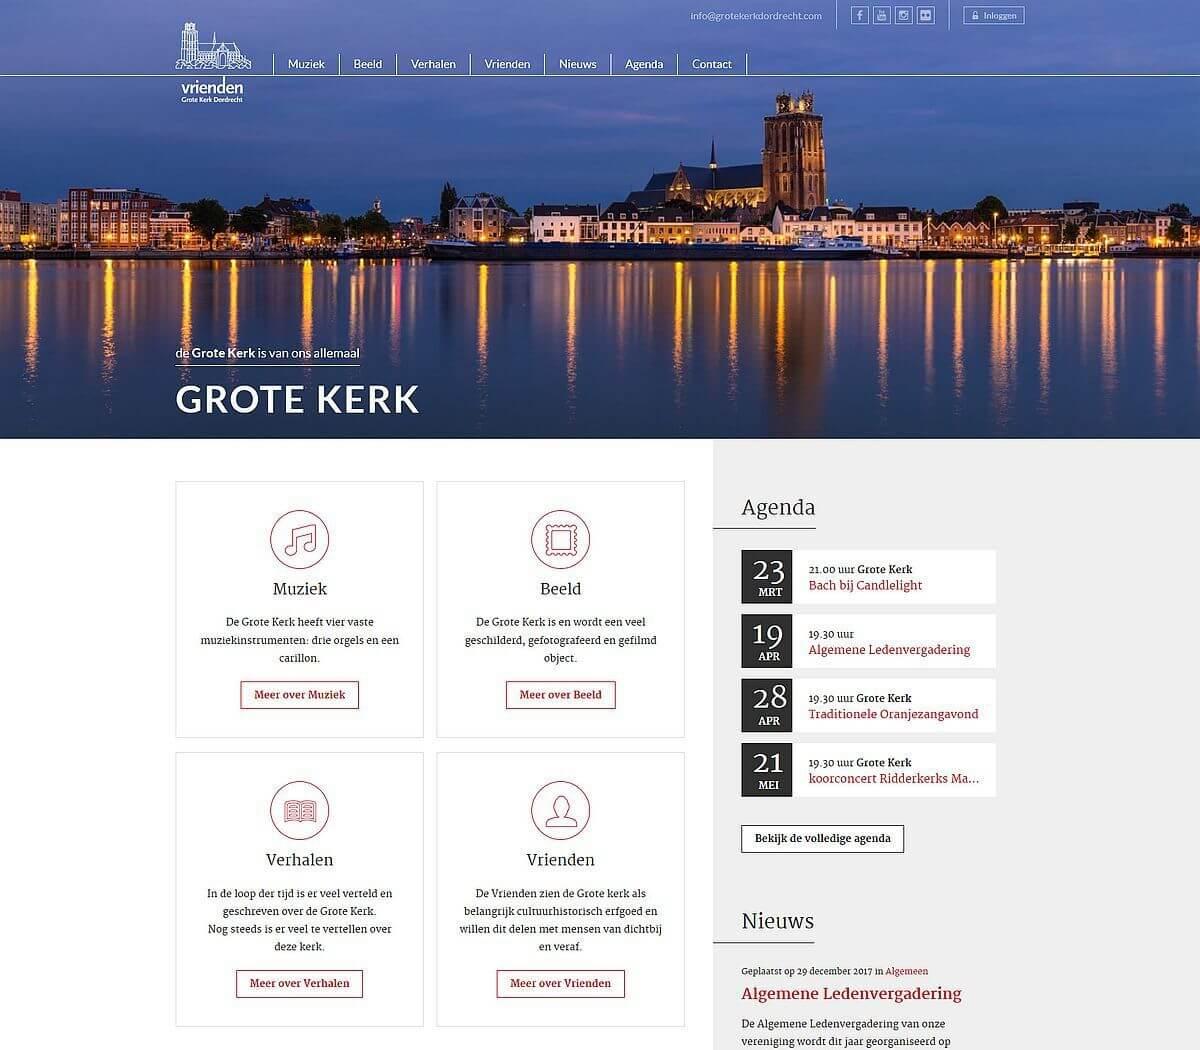 Afbeelding Grote Kerk Dordrecht Nieuws